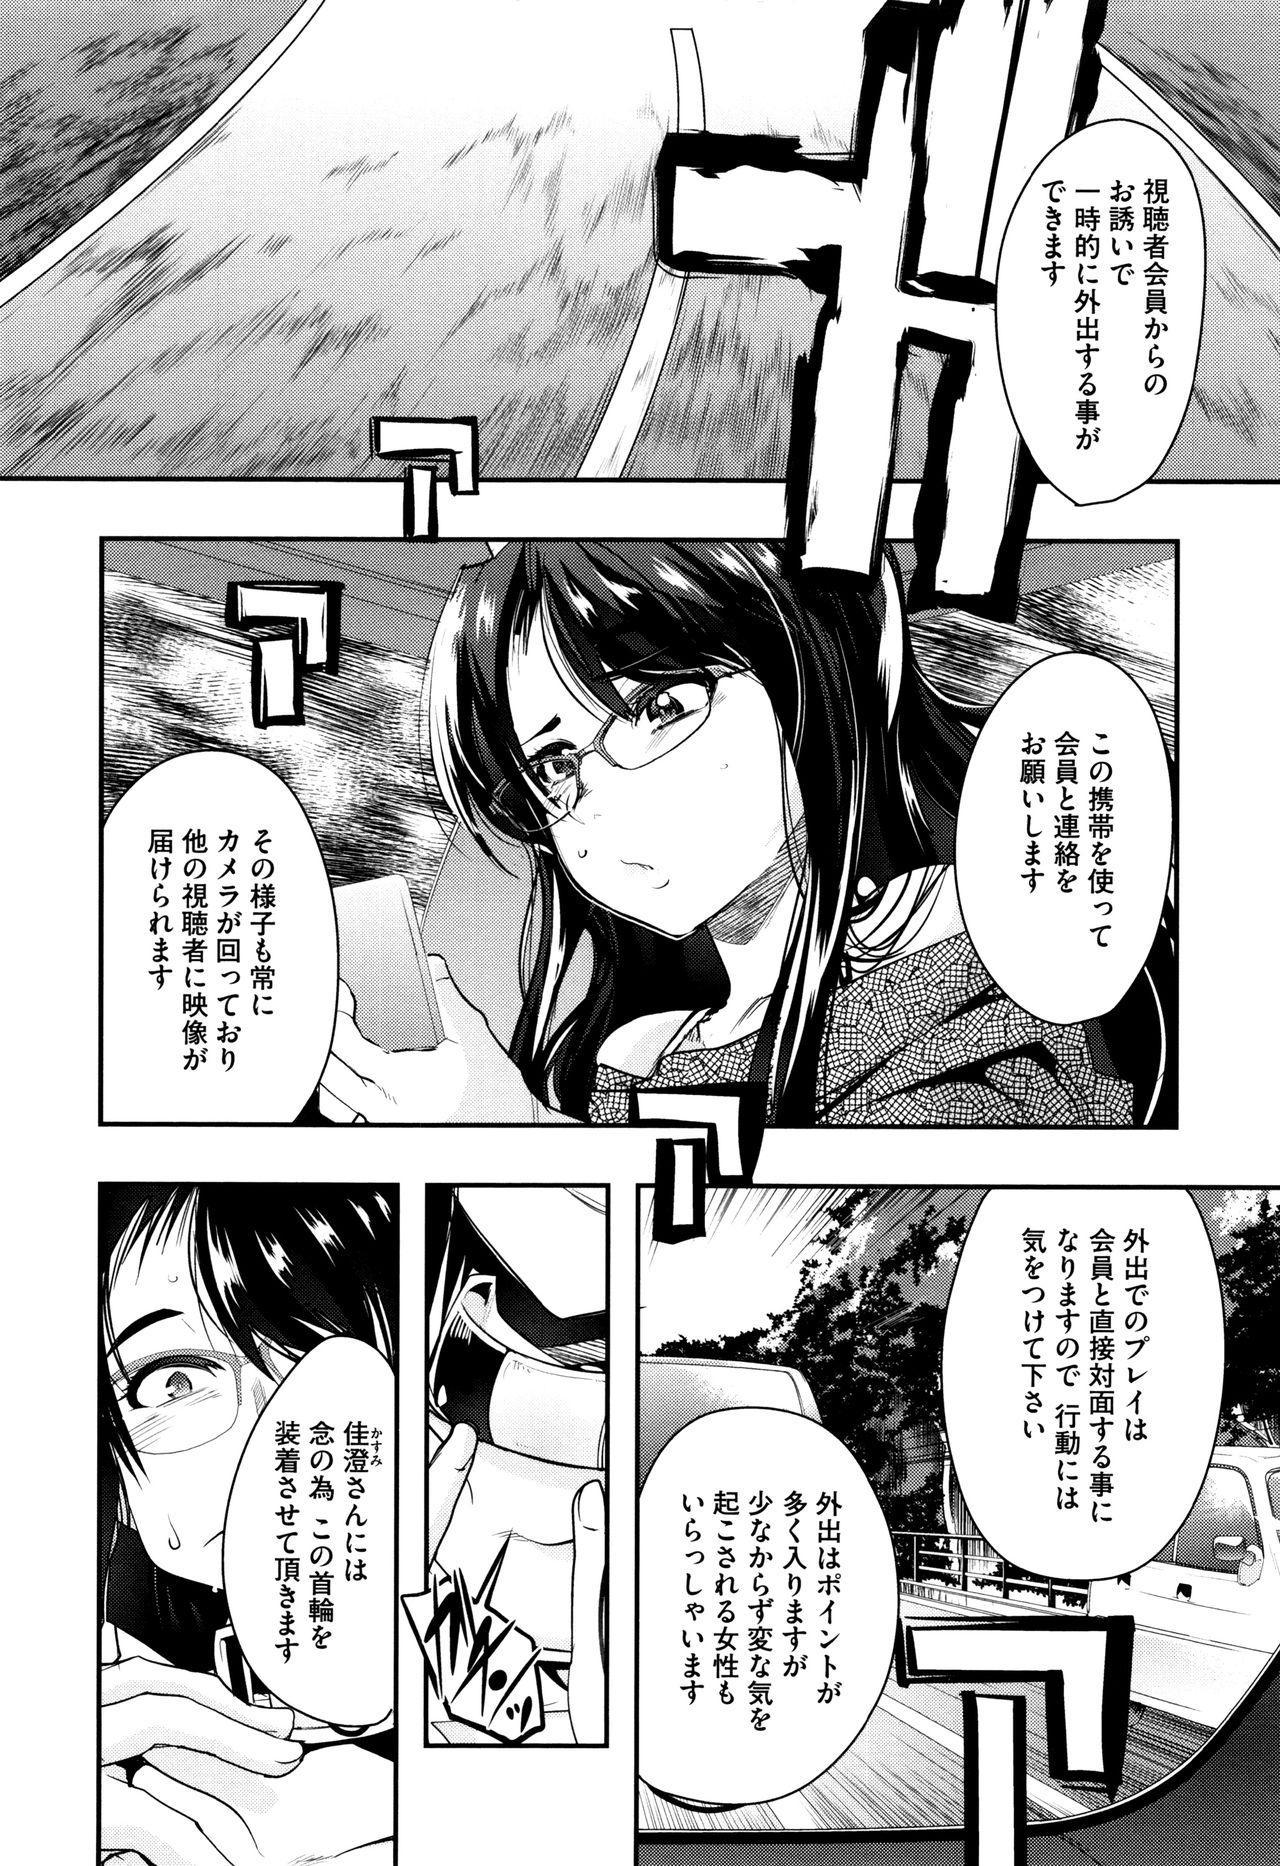 Setsuzoku Sareta Onna 28